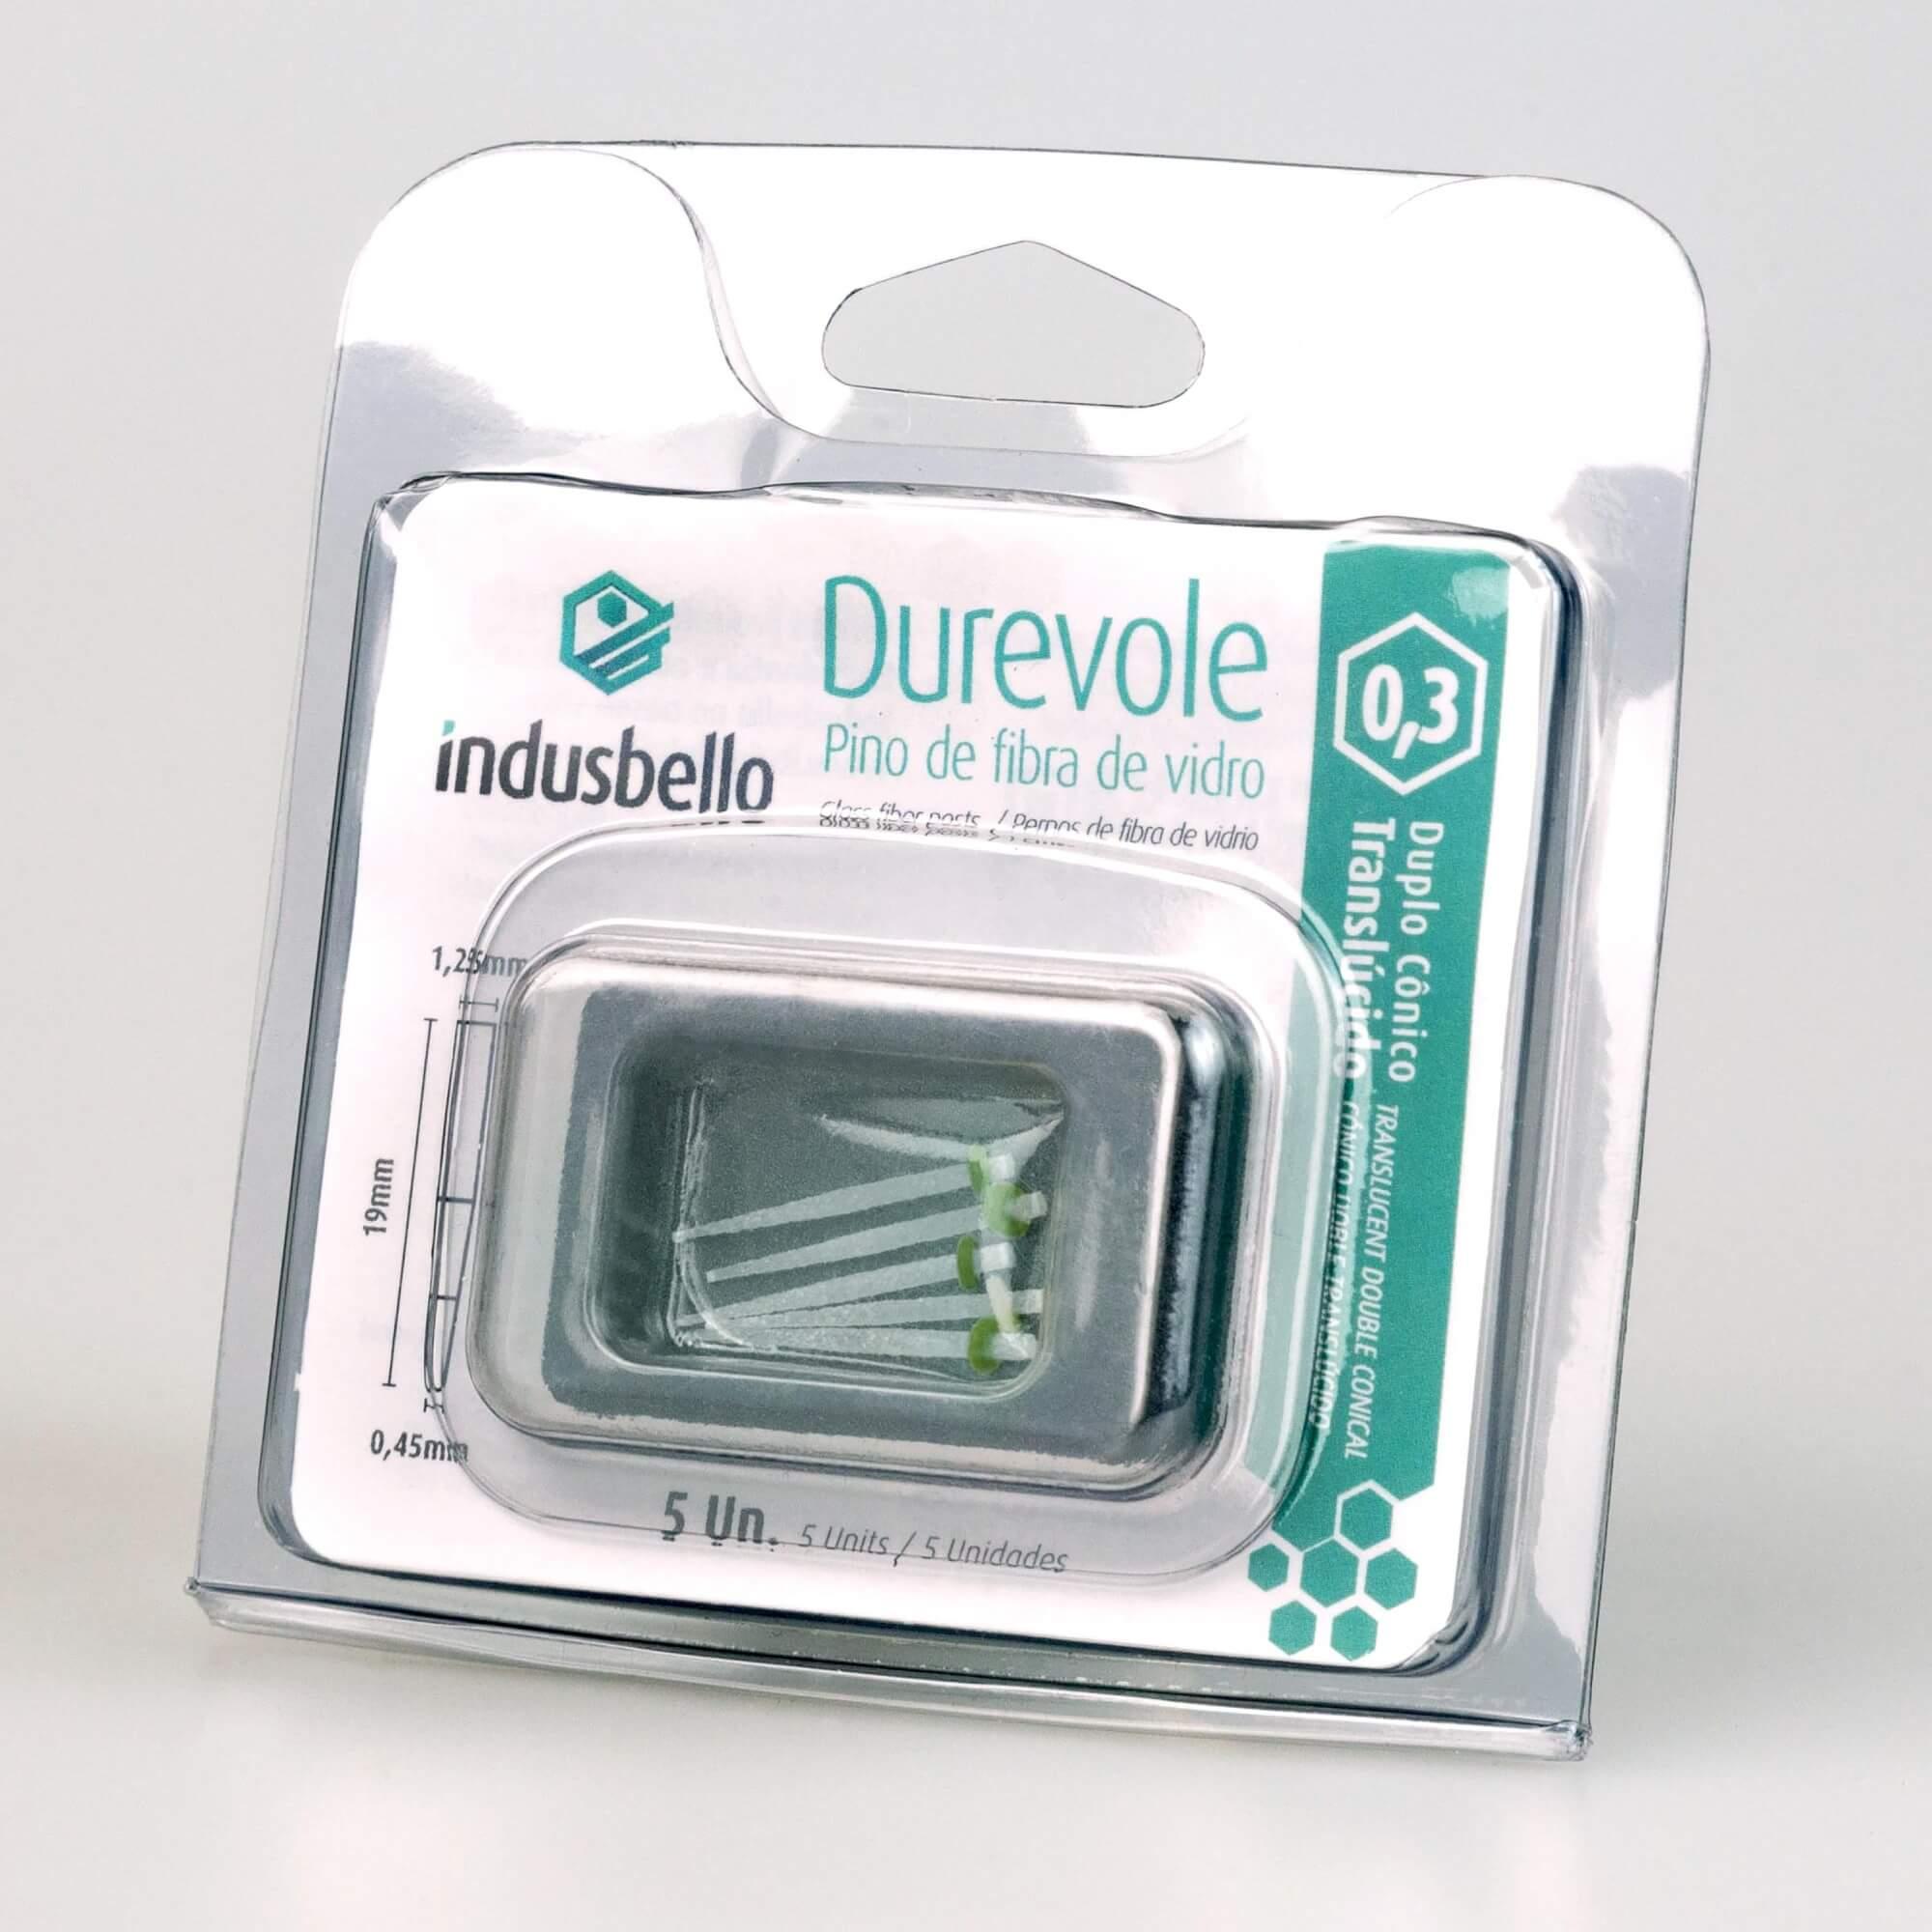 Pino Fibra de Vidro Translúcido Durevole Indusbello (5 un)